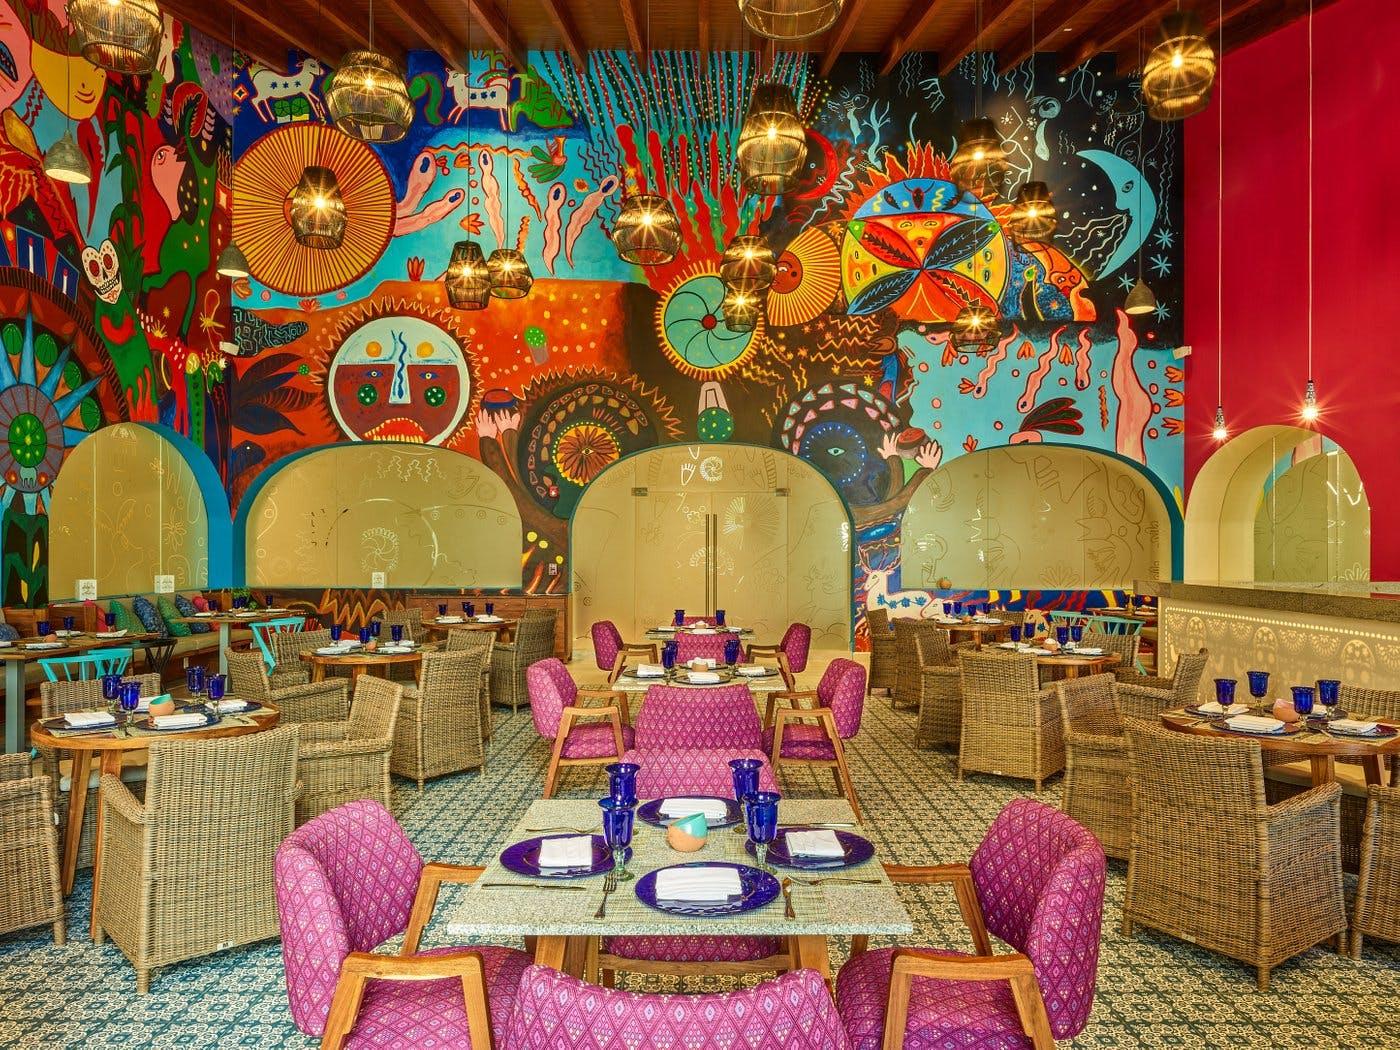 Fiesta Americana Condesa Cancun bar